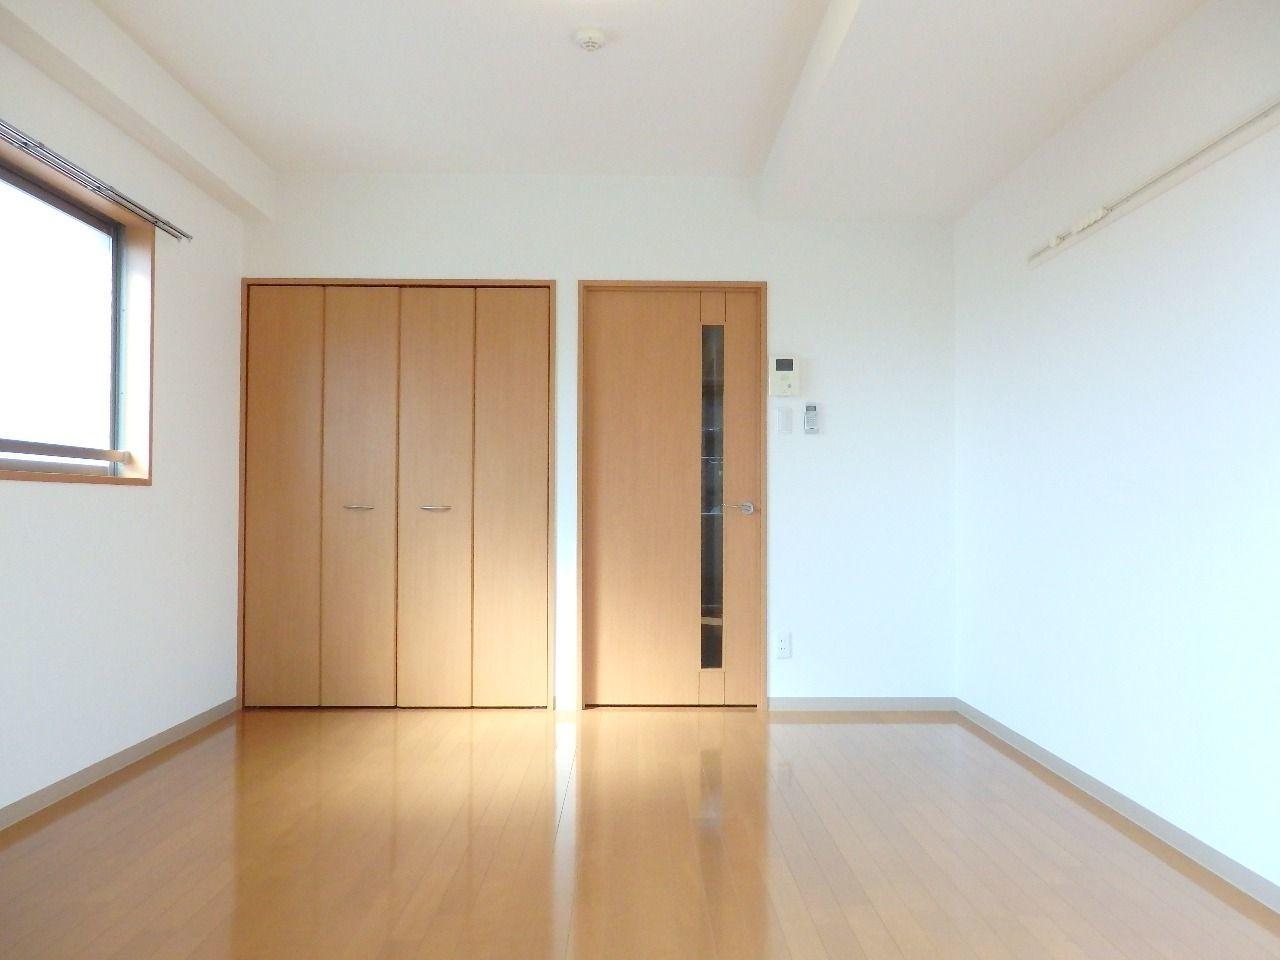 木目調のフローリング・建具が室内をより明るい感じにしてくれる、8帖の洋室